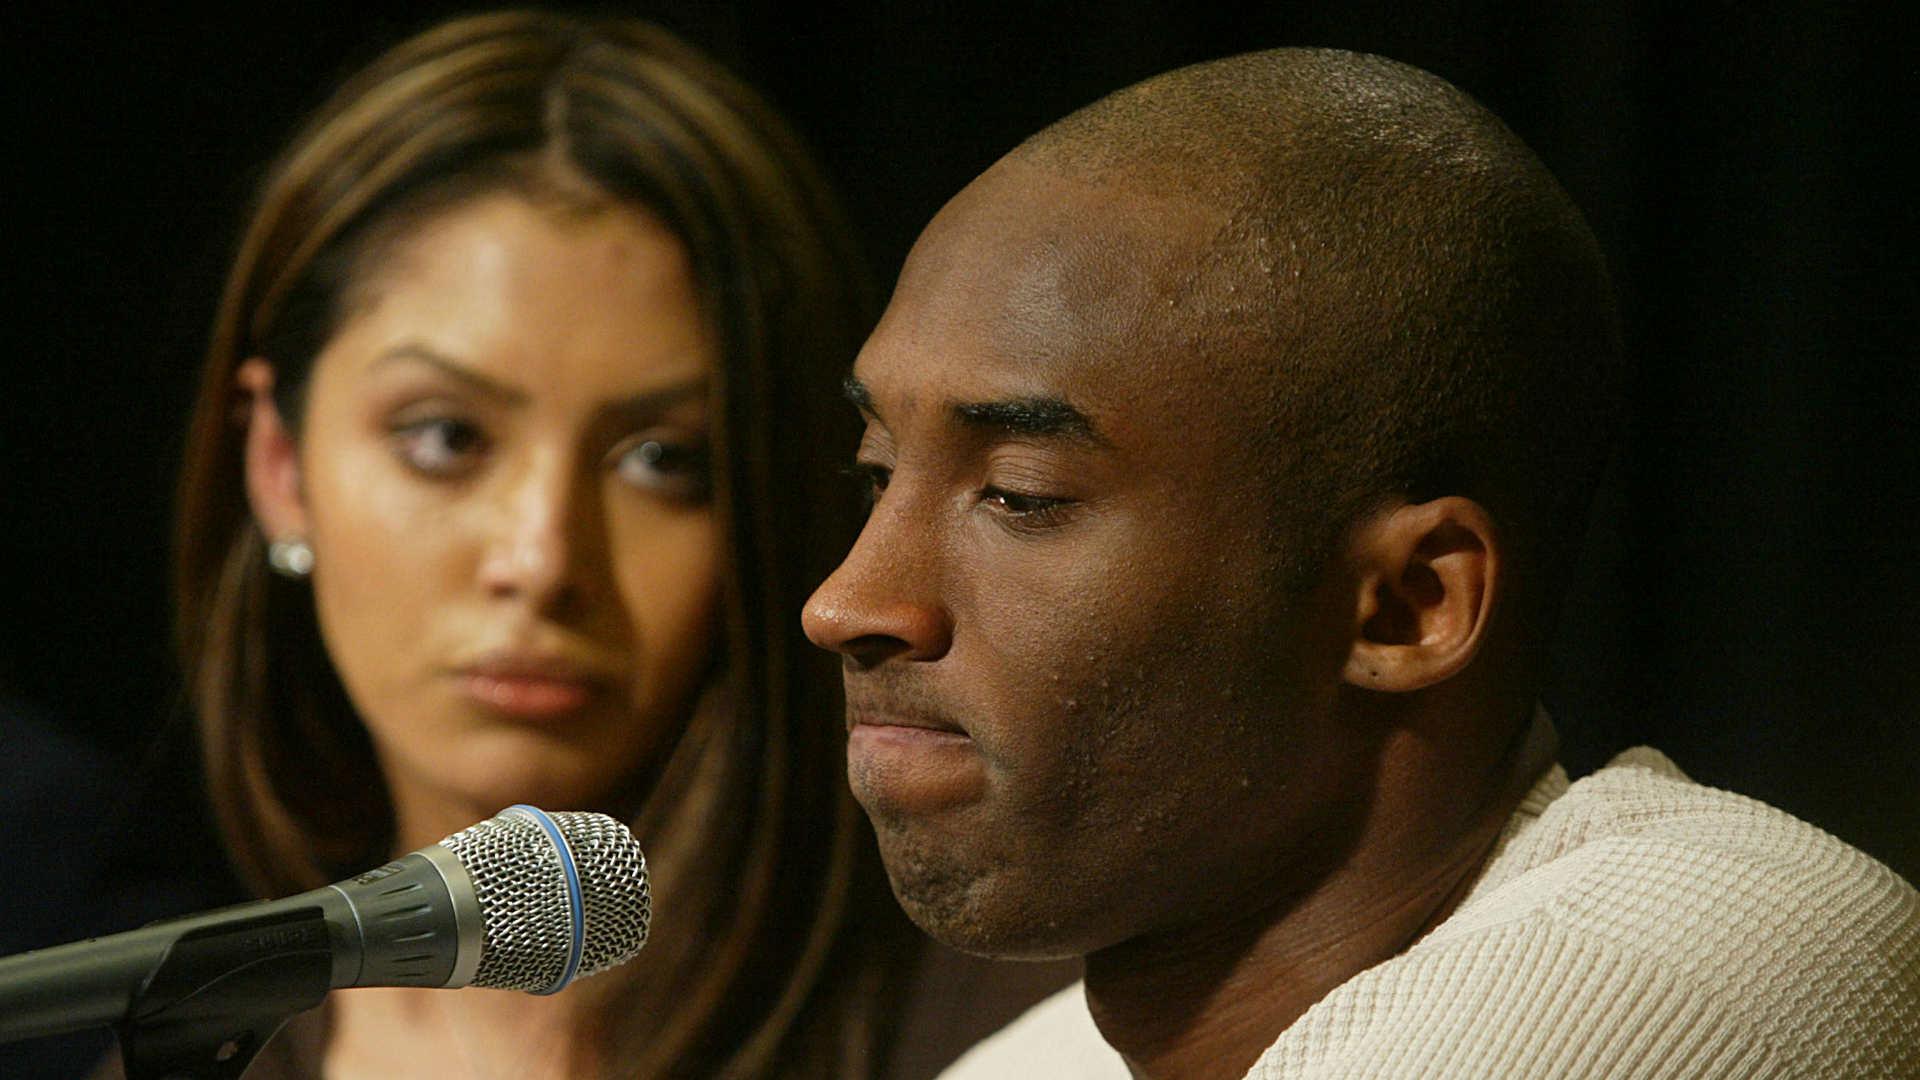 Kobe-Bryant-Vanessa-Bryant-030418-Getty-FTR.jpg